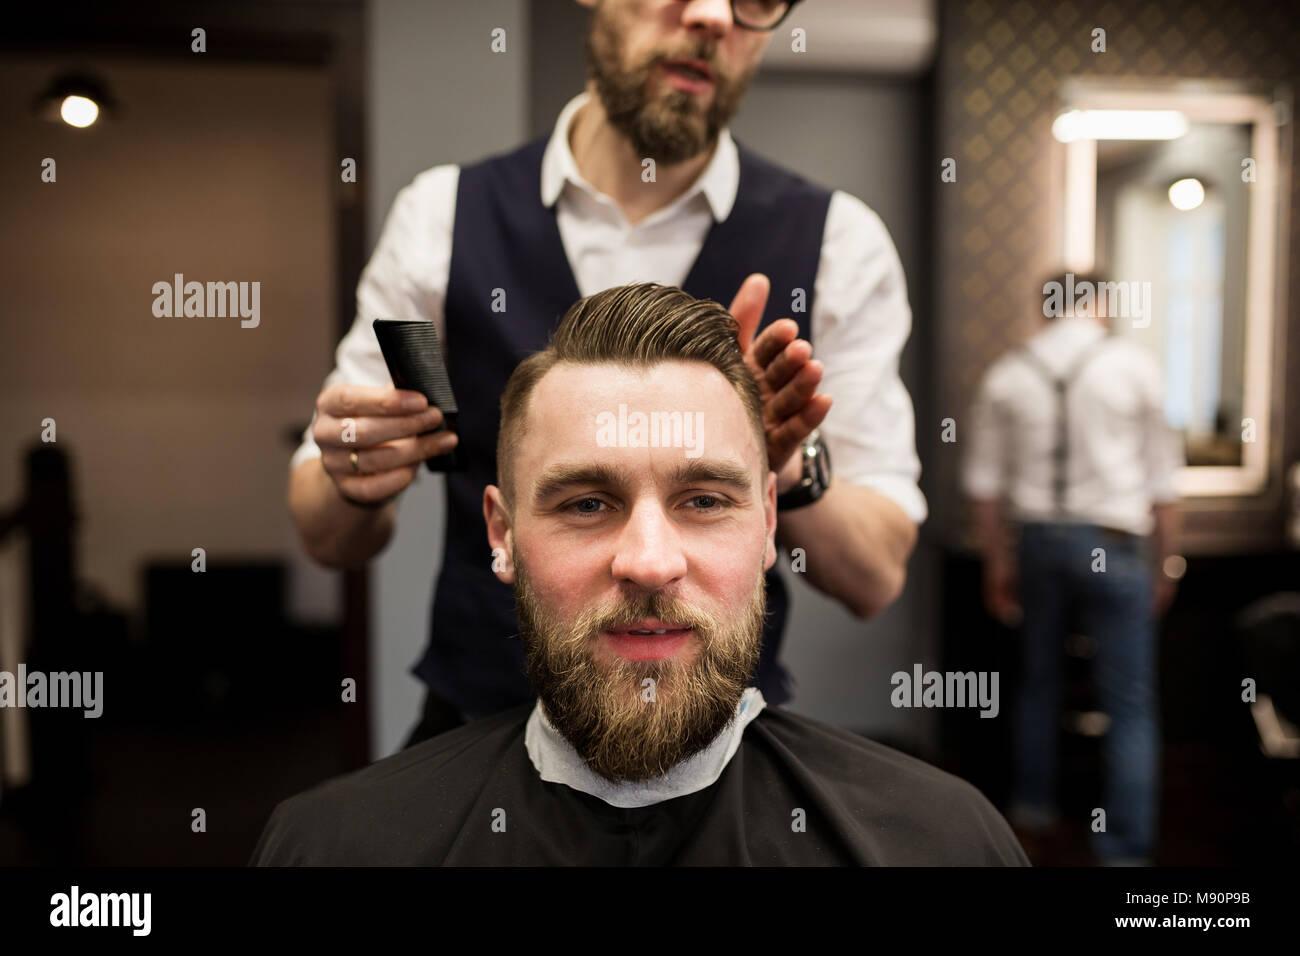 Vordere Portrait von froh, junge Mann in die Haare schneiden bei Friseur Salon Stockbild